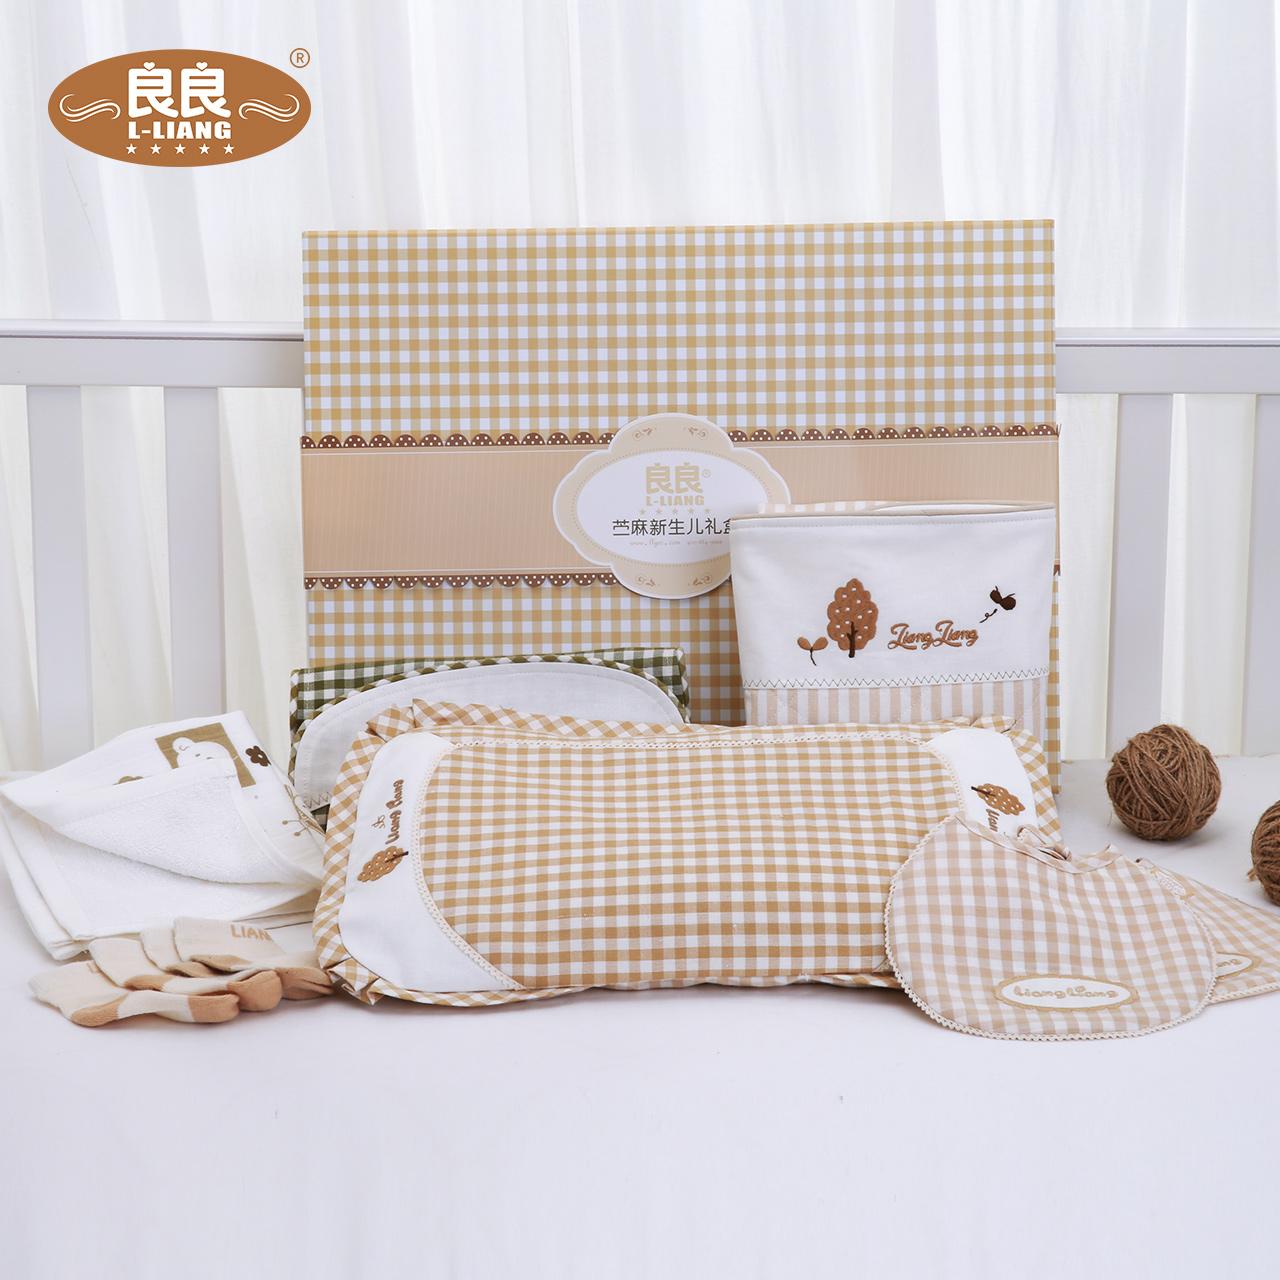 良良婴儿用品初生宝宝床上八件套 新生儿婴幼儿礼盒宝宝满月套装